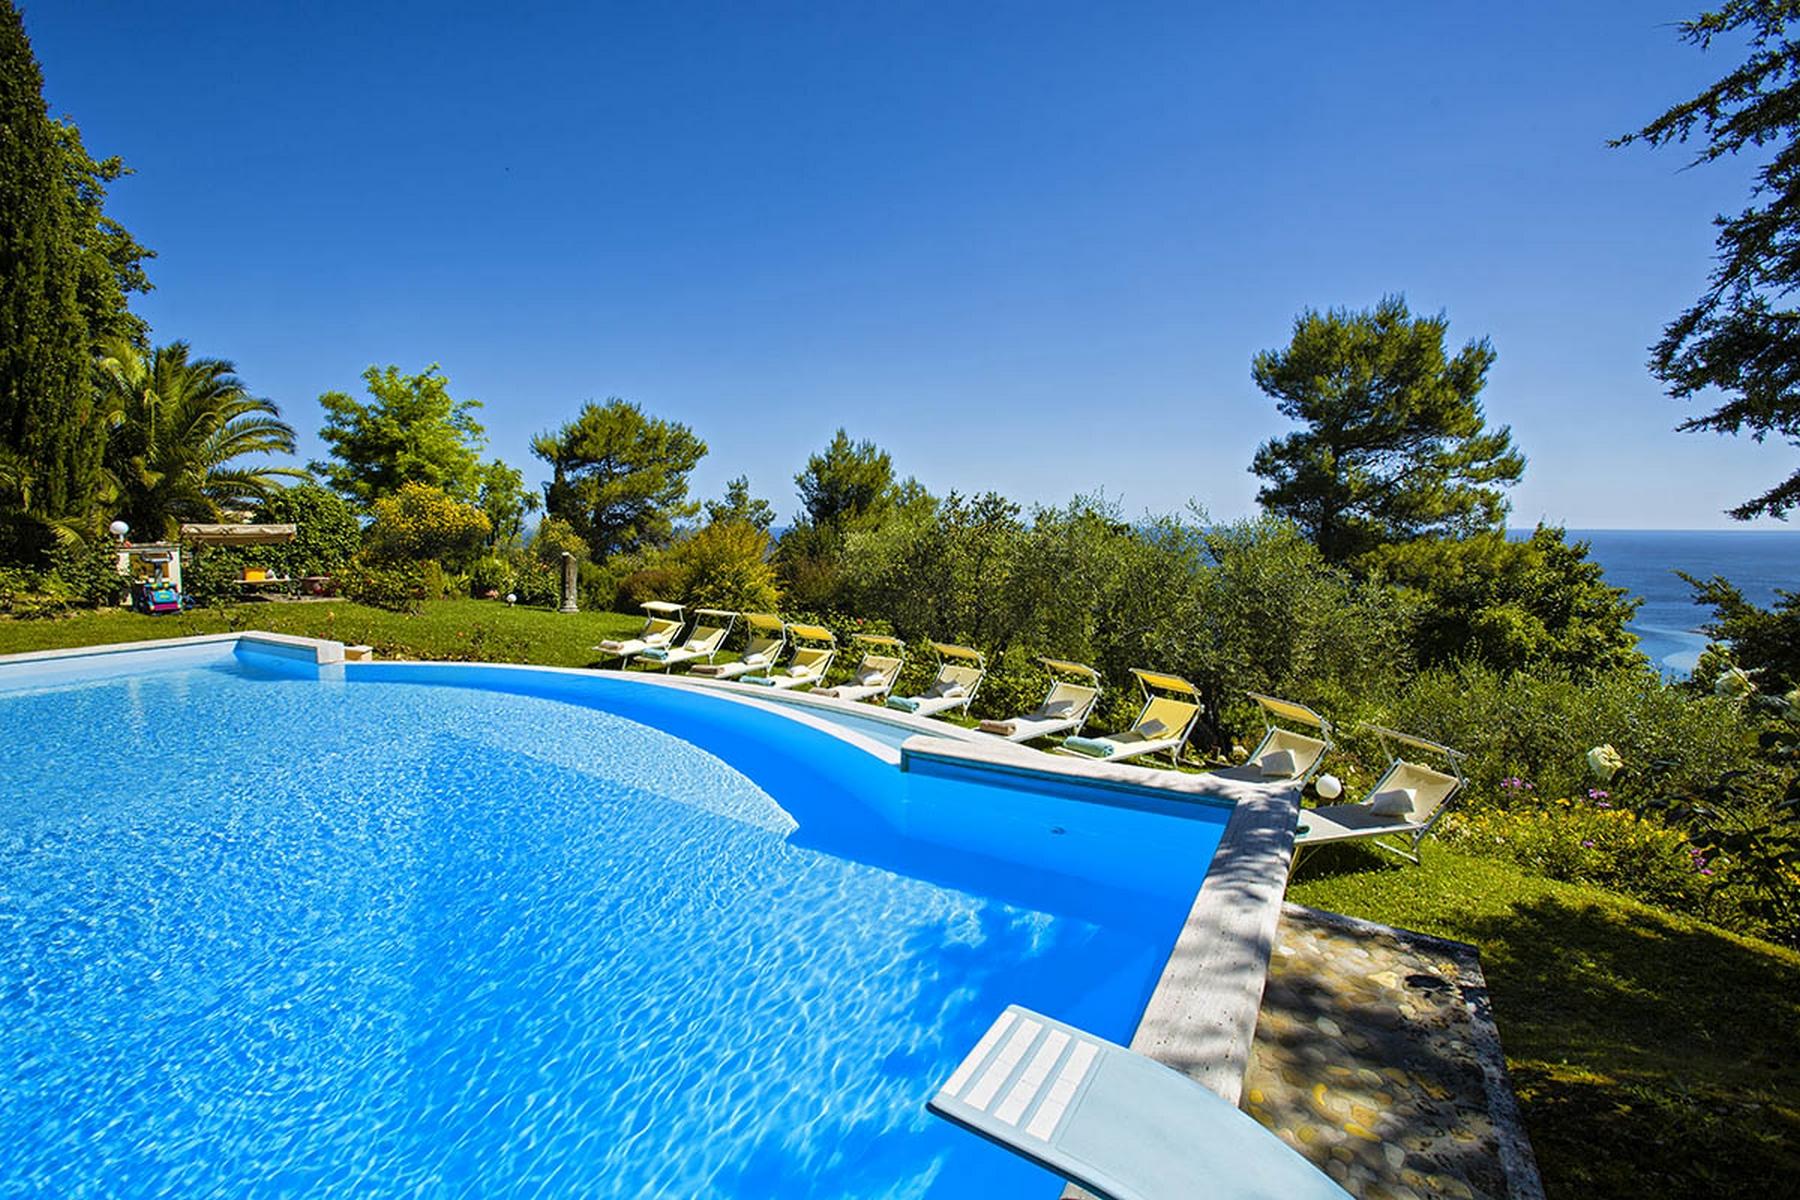 Villa moderne avec piscine et vue à couper le souffle sur la Mer Adriatique